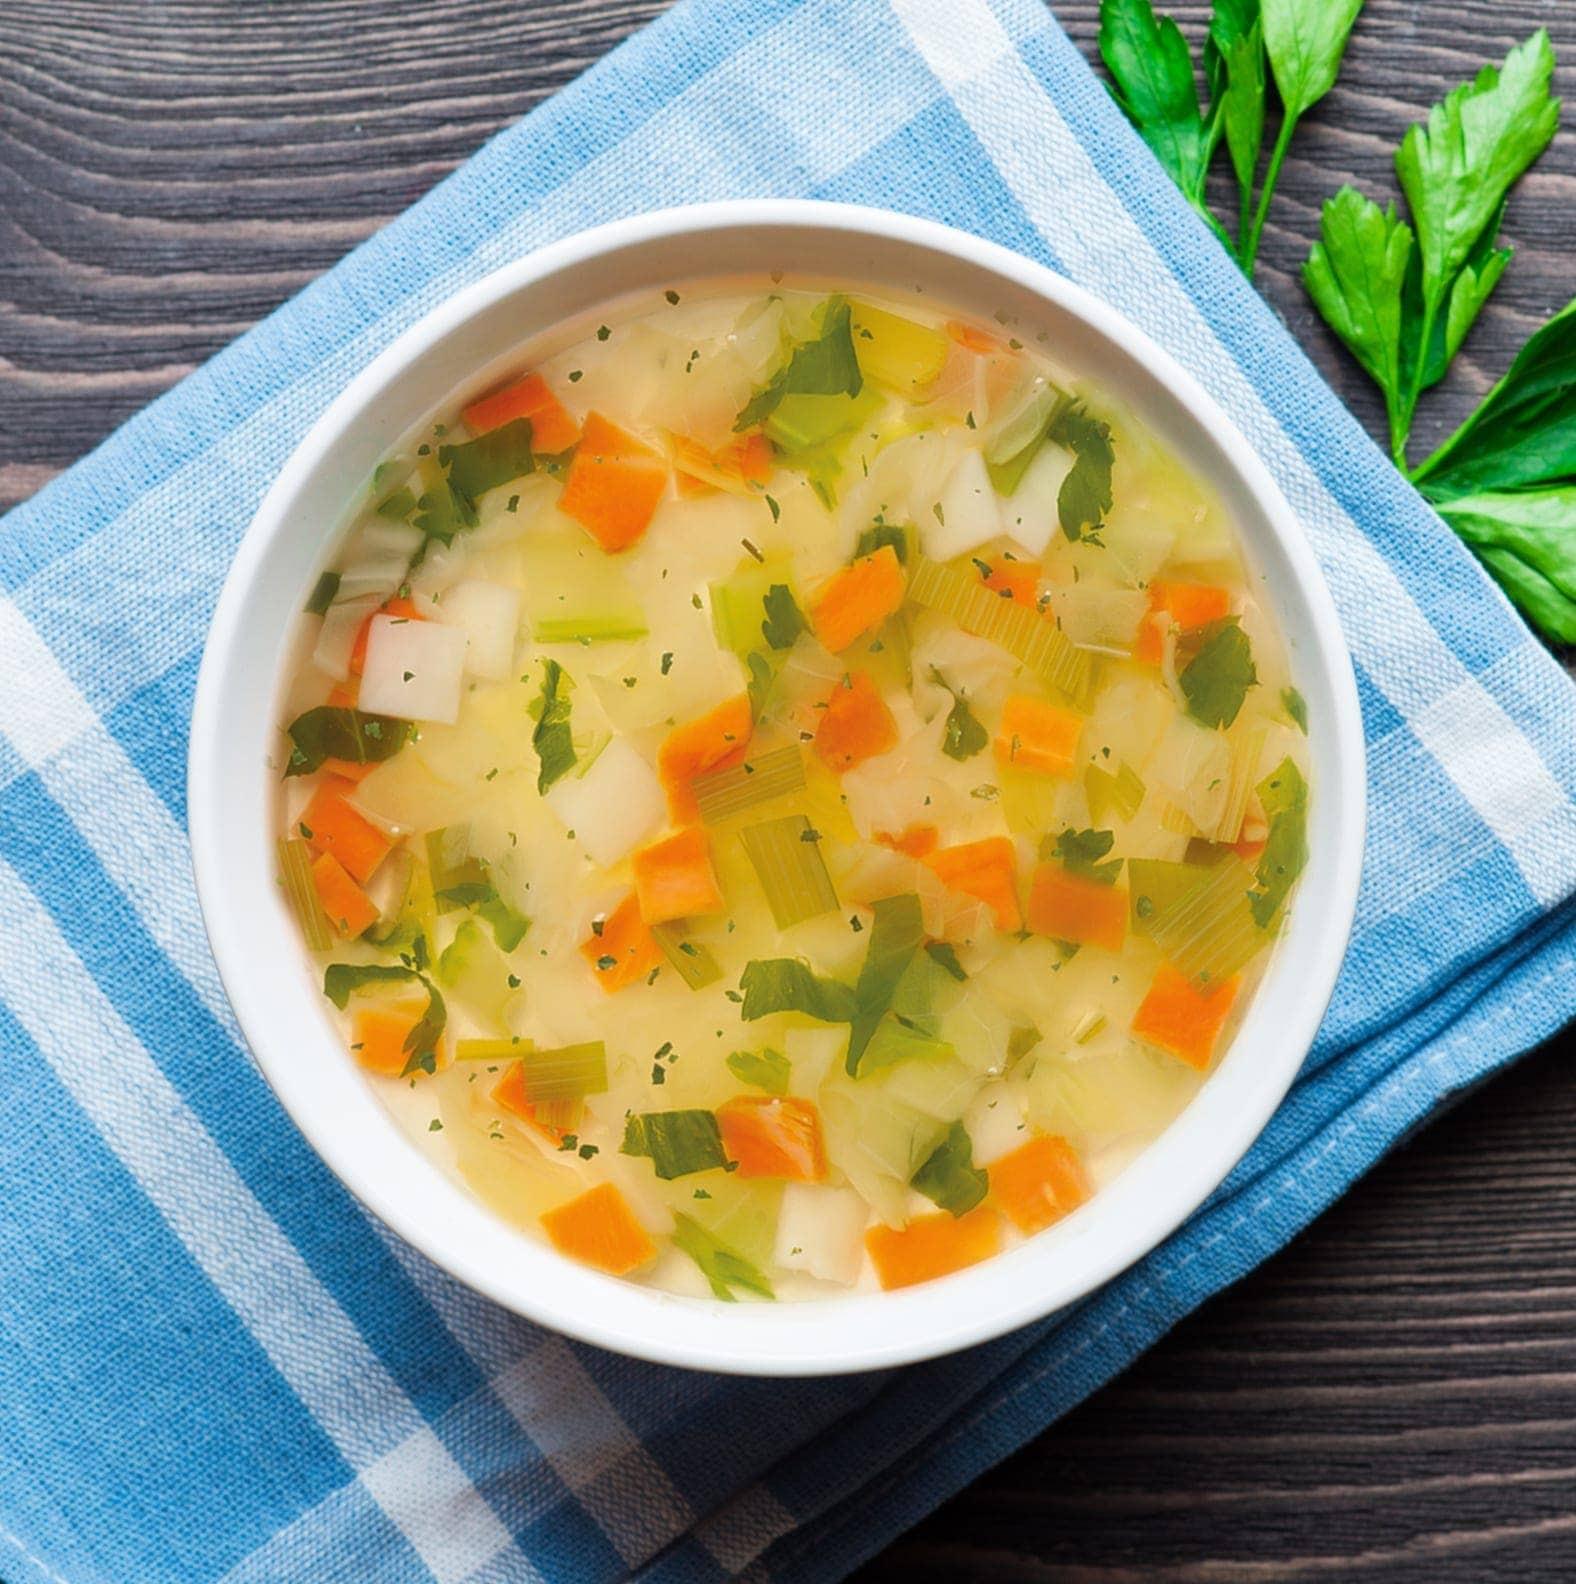 سوپ ژولین با غذاساز مولینکس